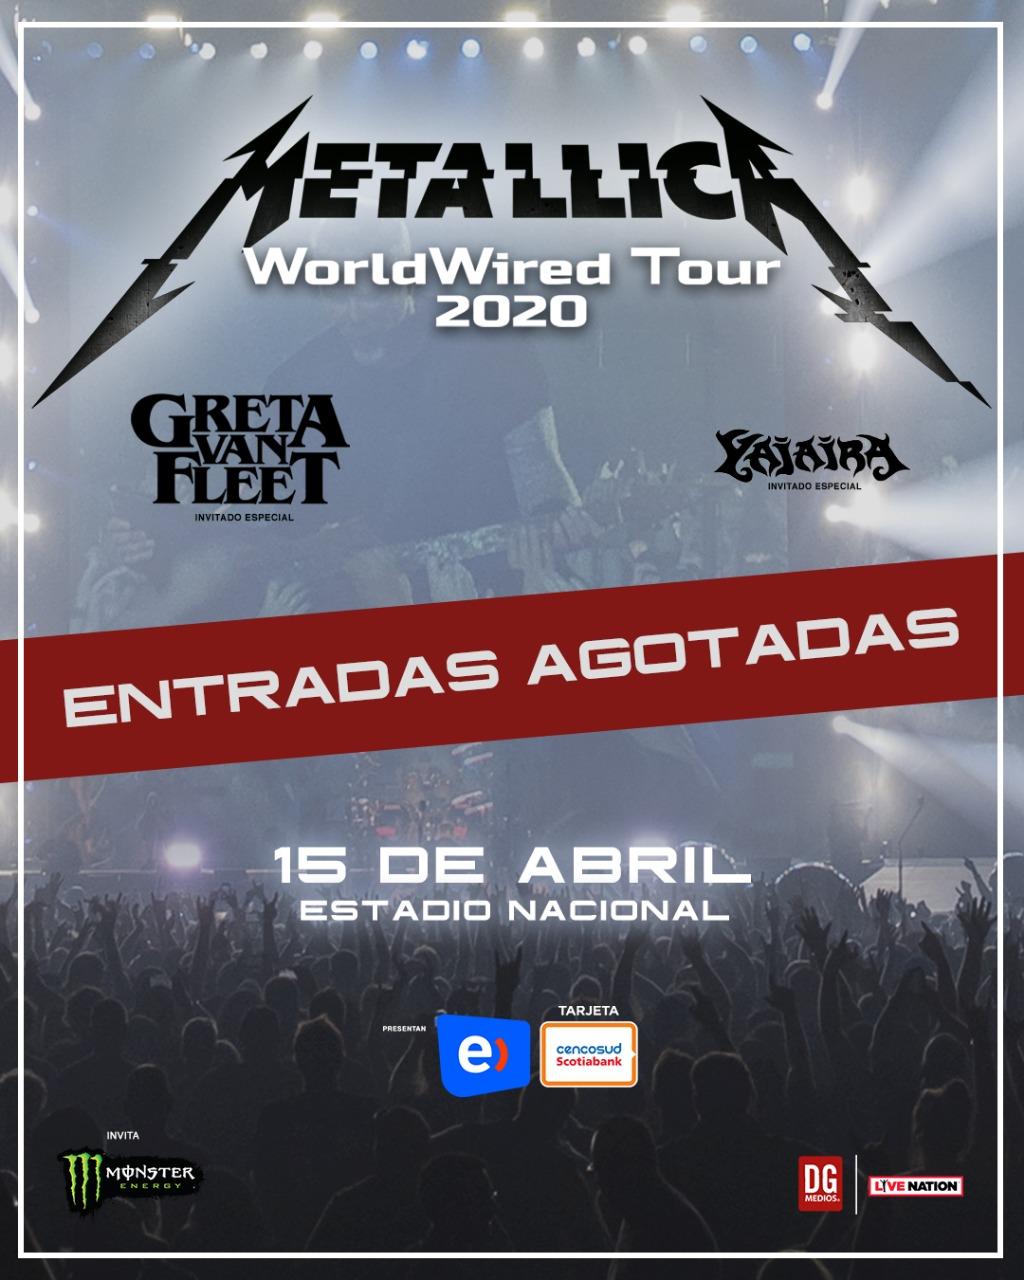 metallica tour 2020